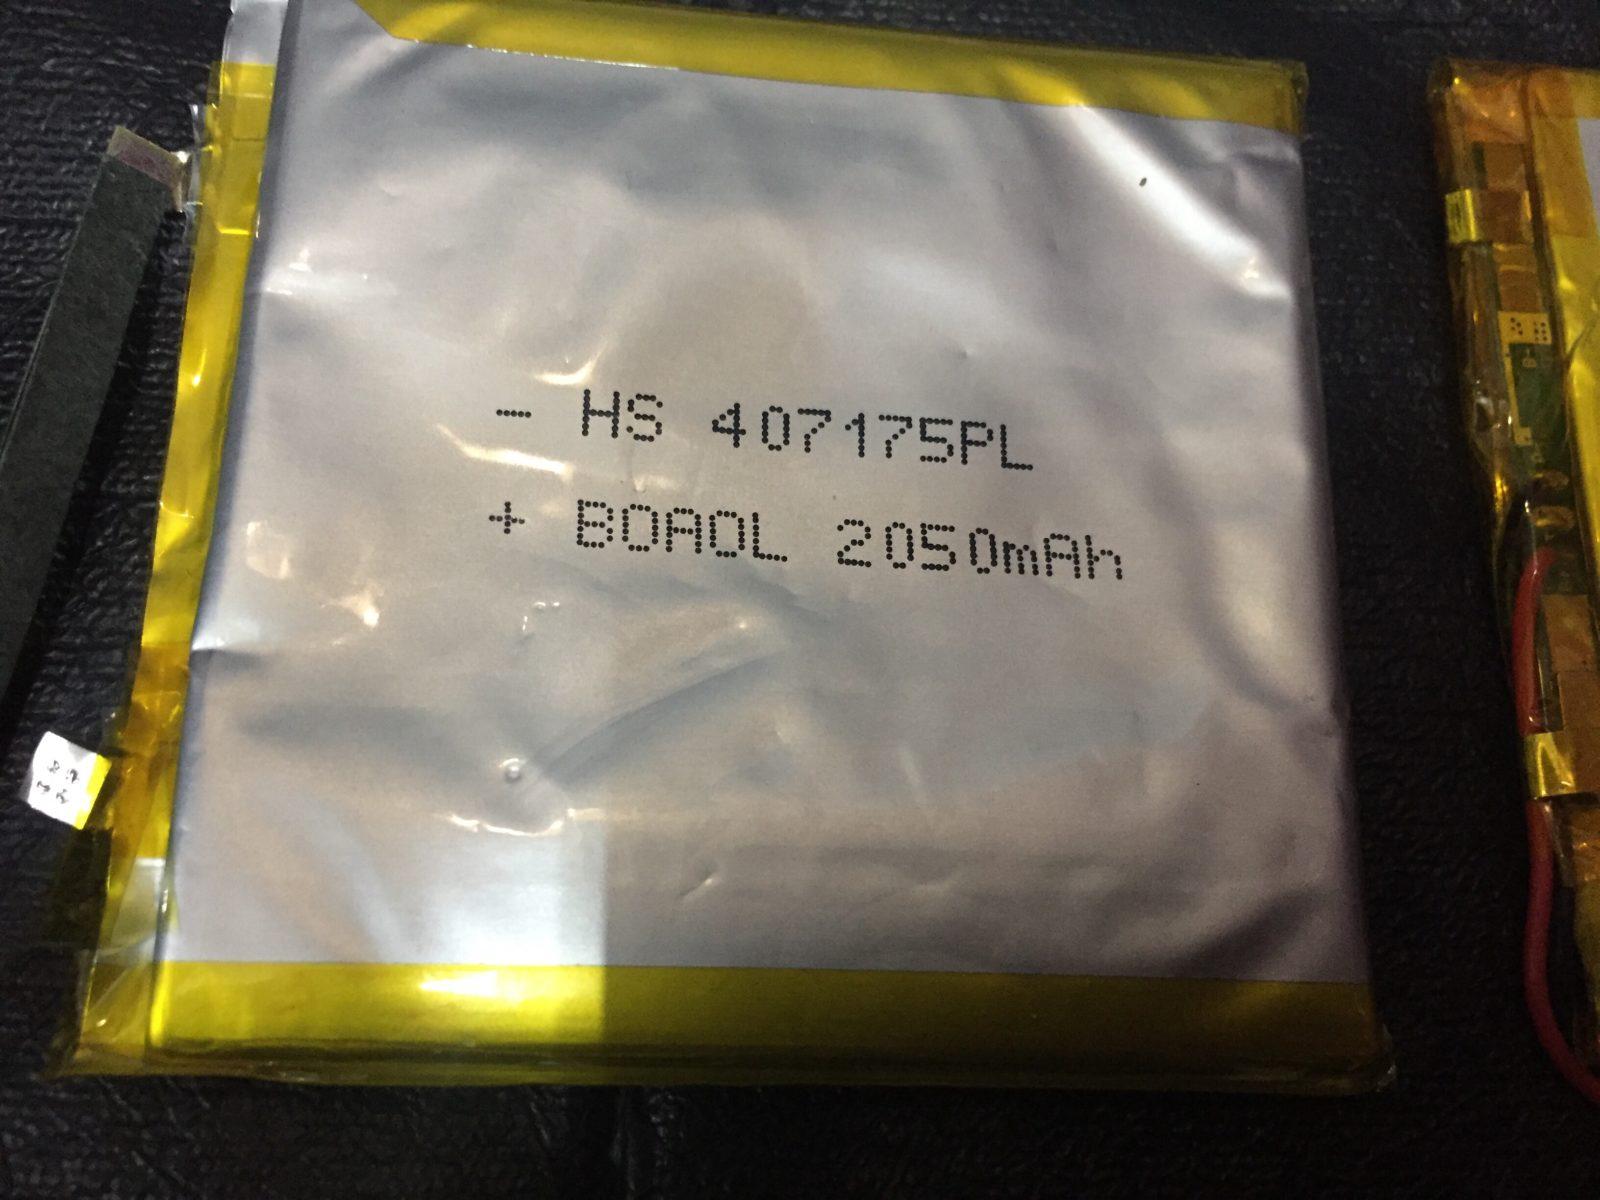 Электронная книга Wexler t7001w не заряжается. Решено заменой аккумулятора.